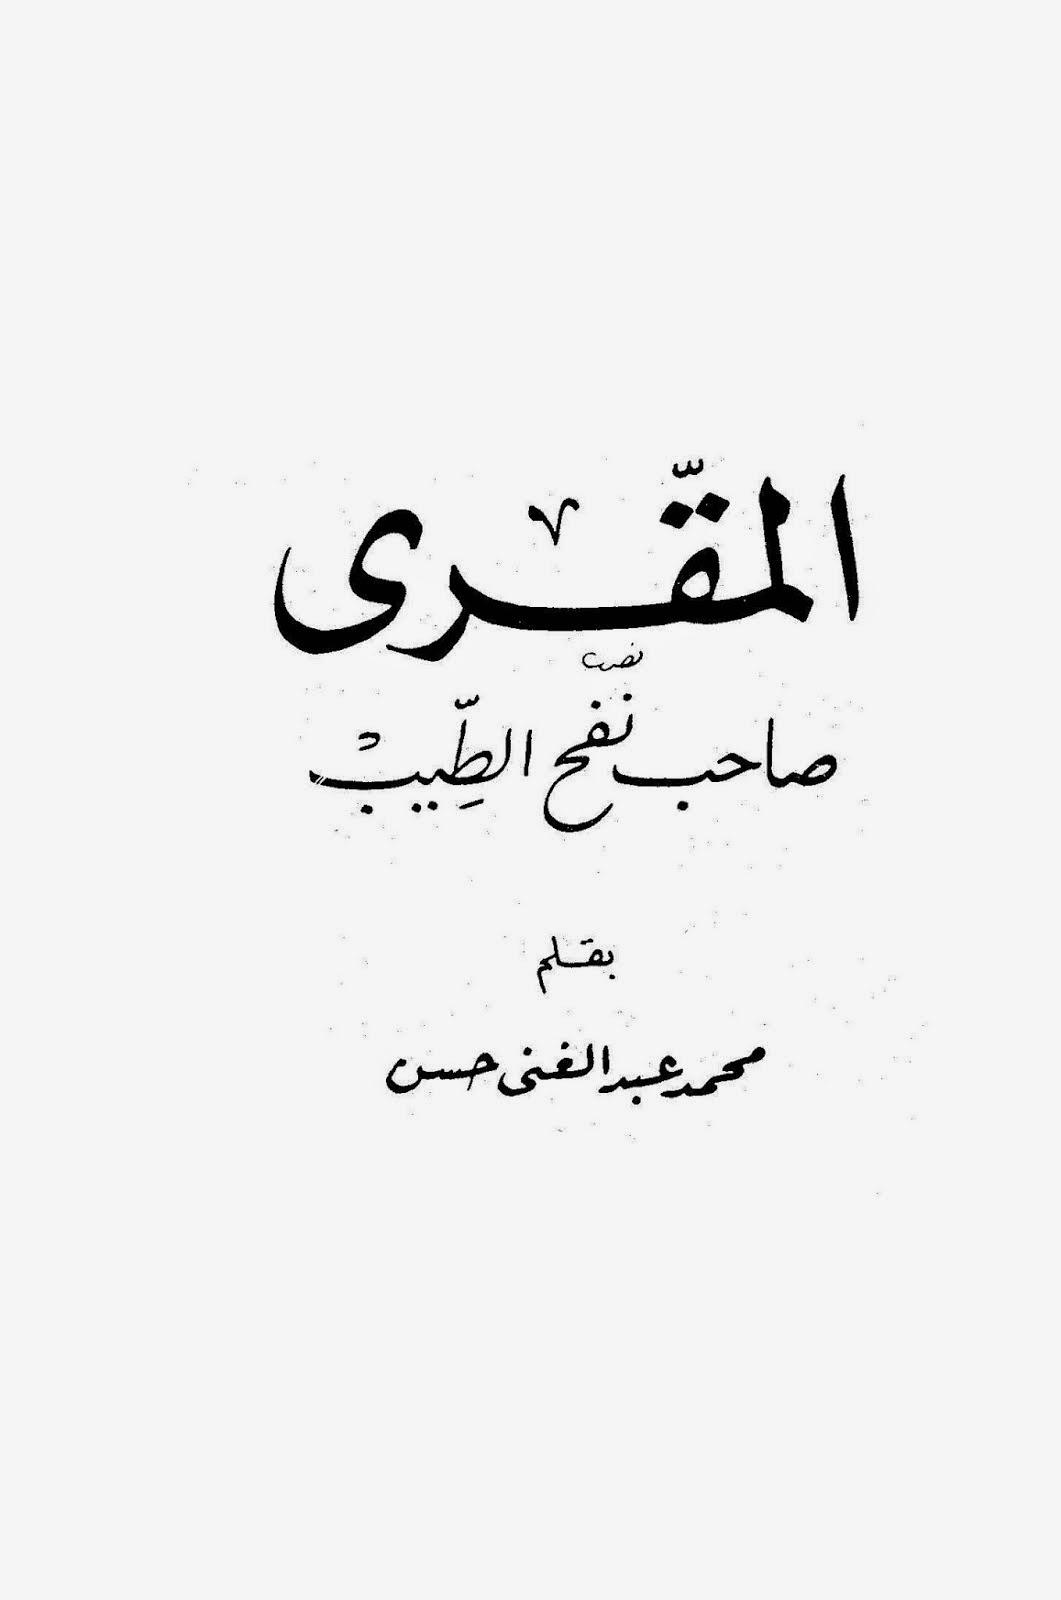 المقري صاحب نفح الطيب لـ محمد عبد الغني حسن